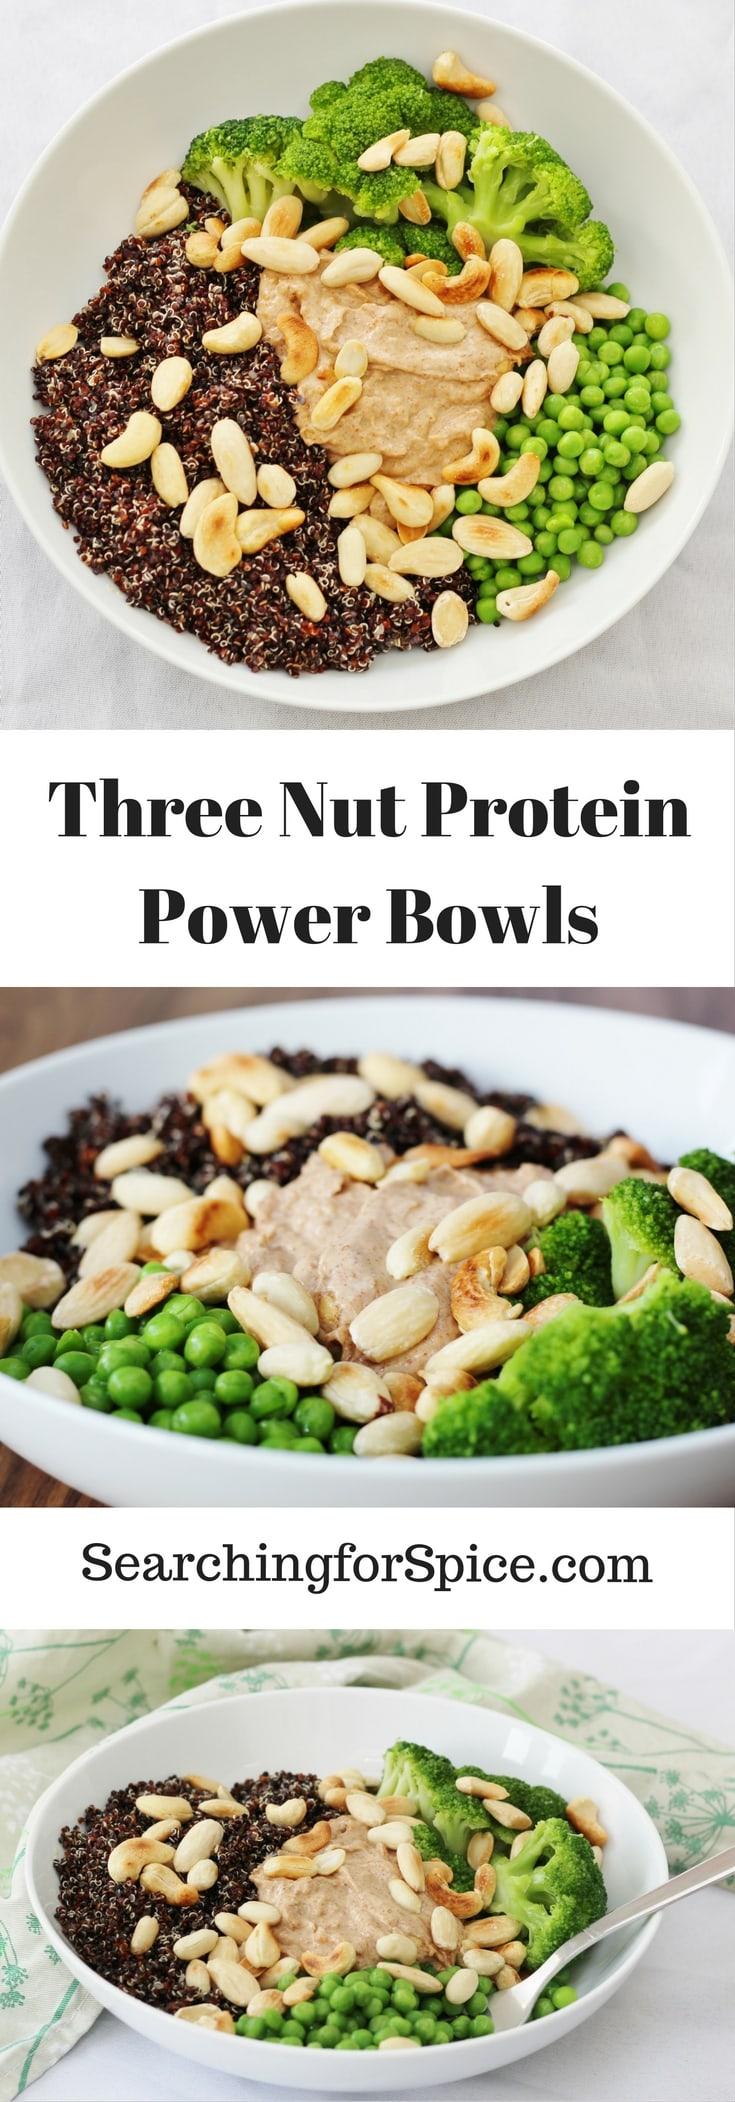 Three Nut Protein Power Bowls